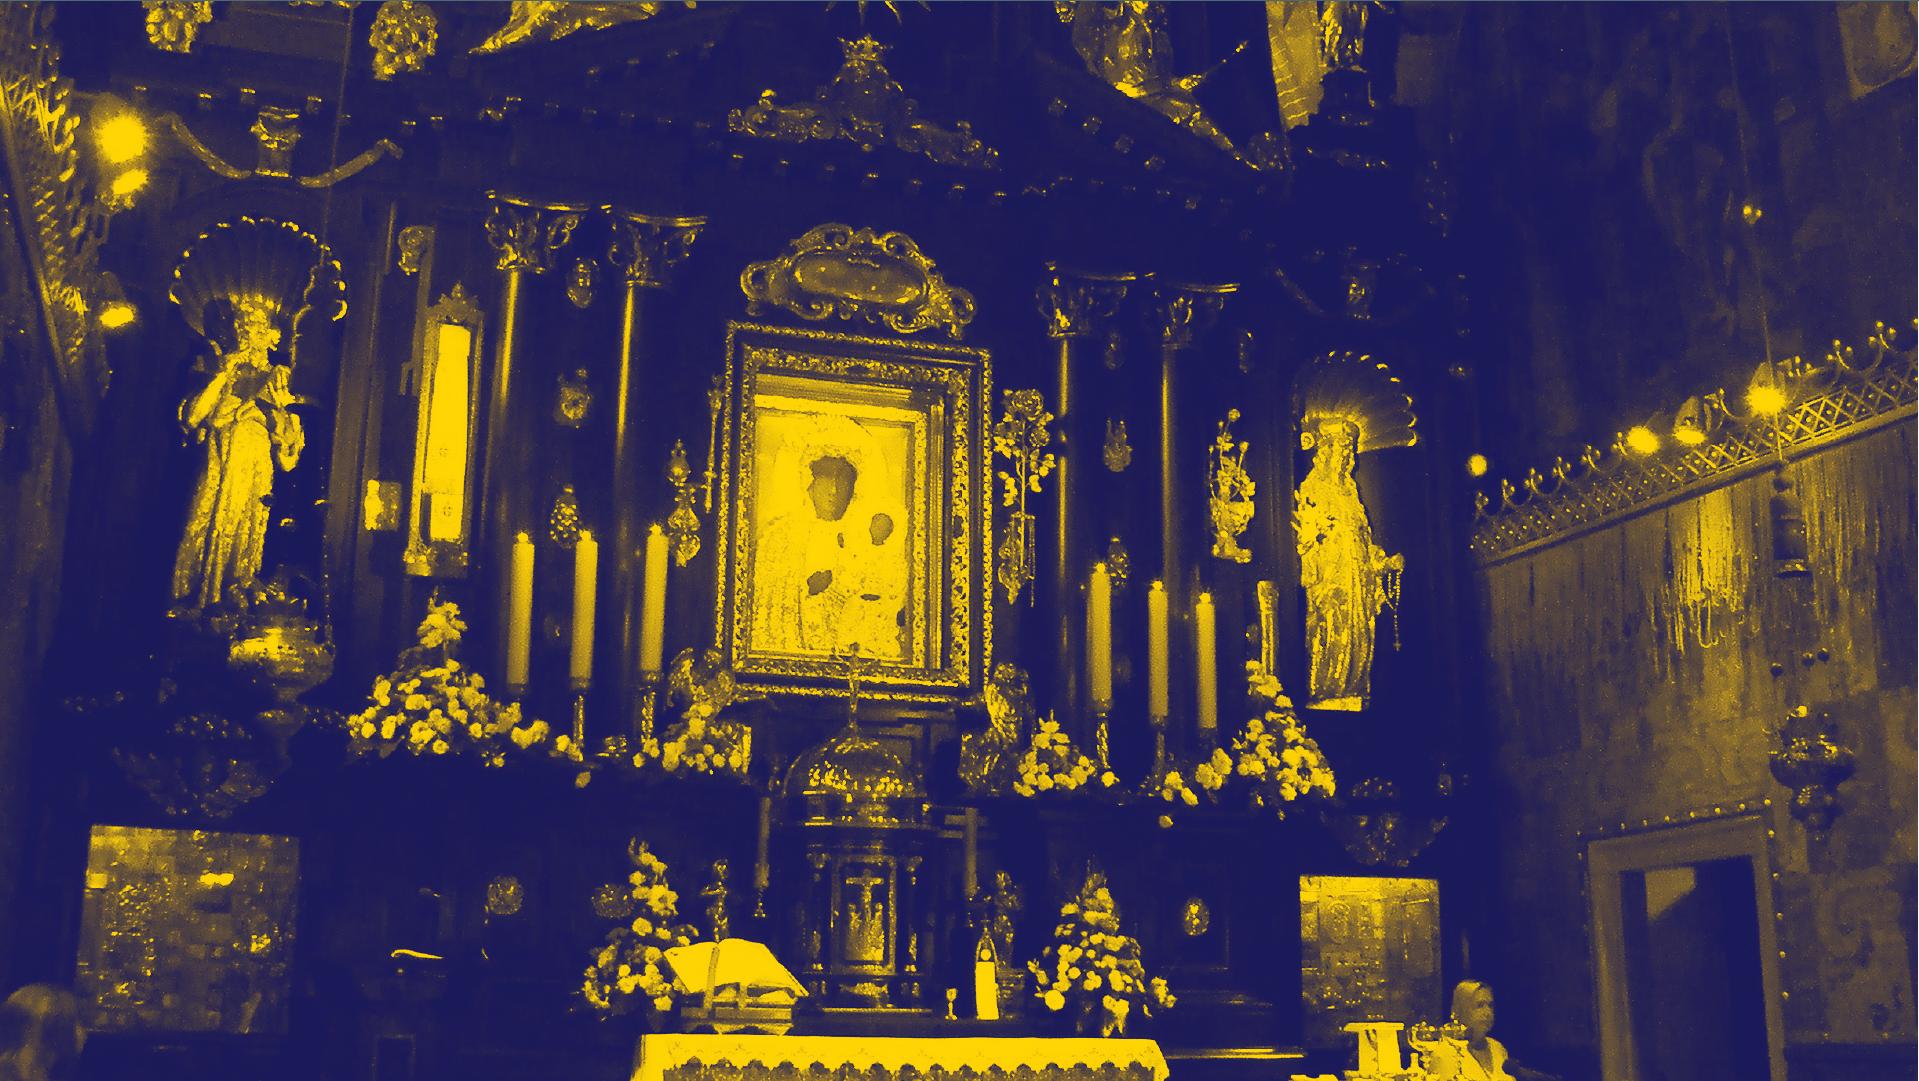 Czuwanie modlitewne na Jasnej Górze 10-11.03